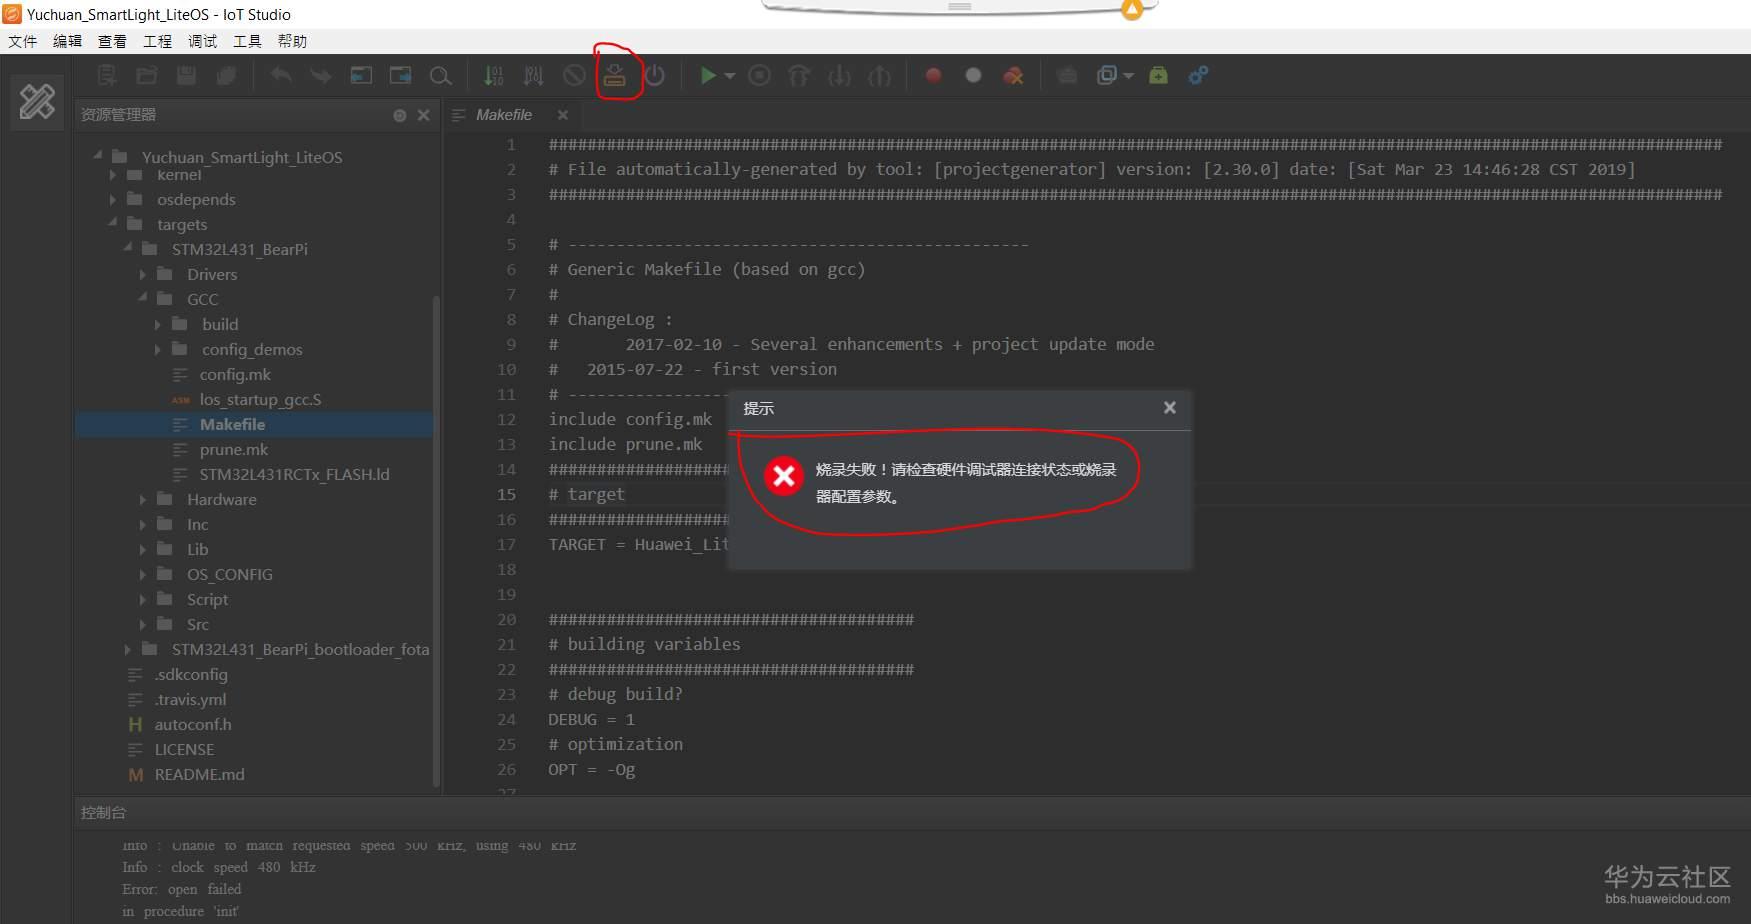 华为LiteOS IoT小熊派开发板烧录失败总结